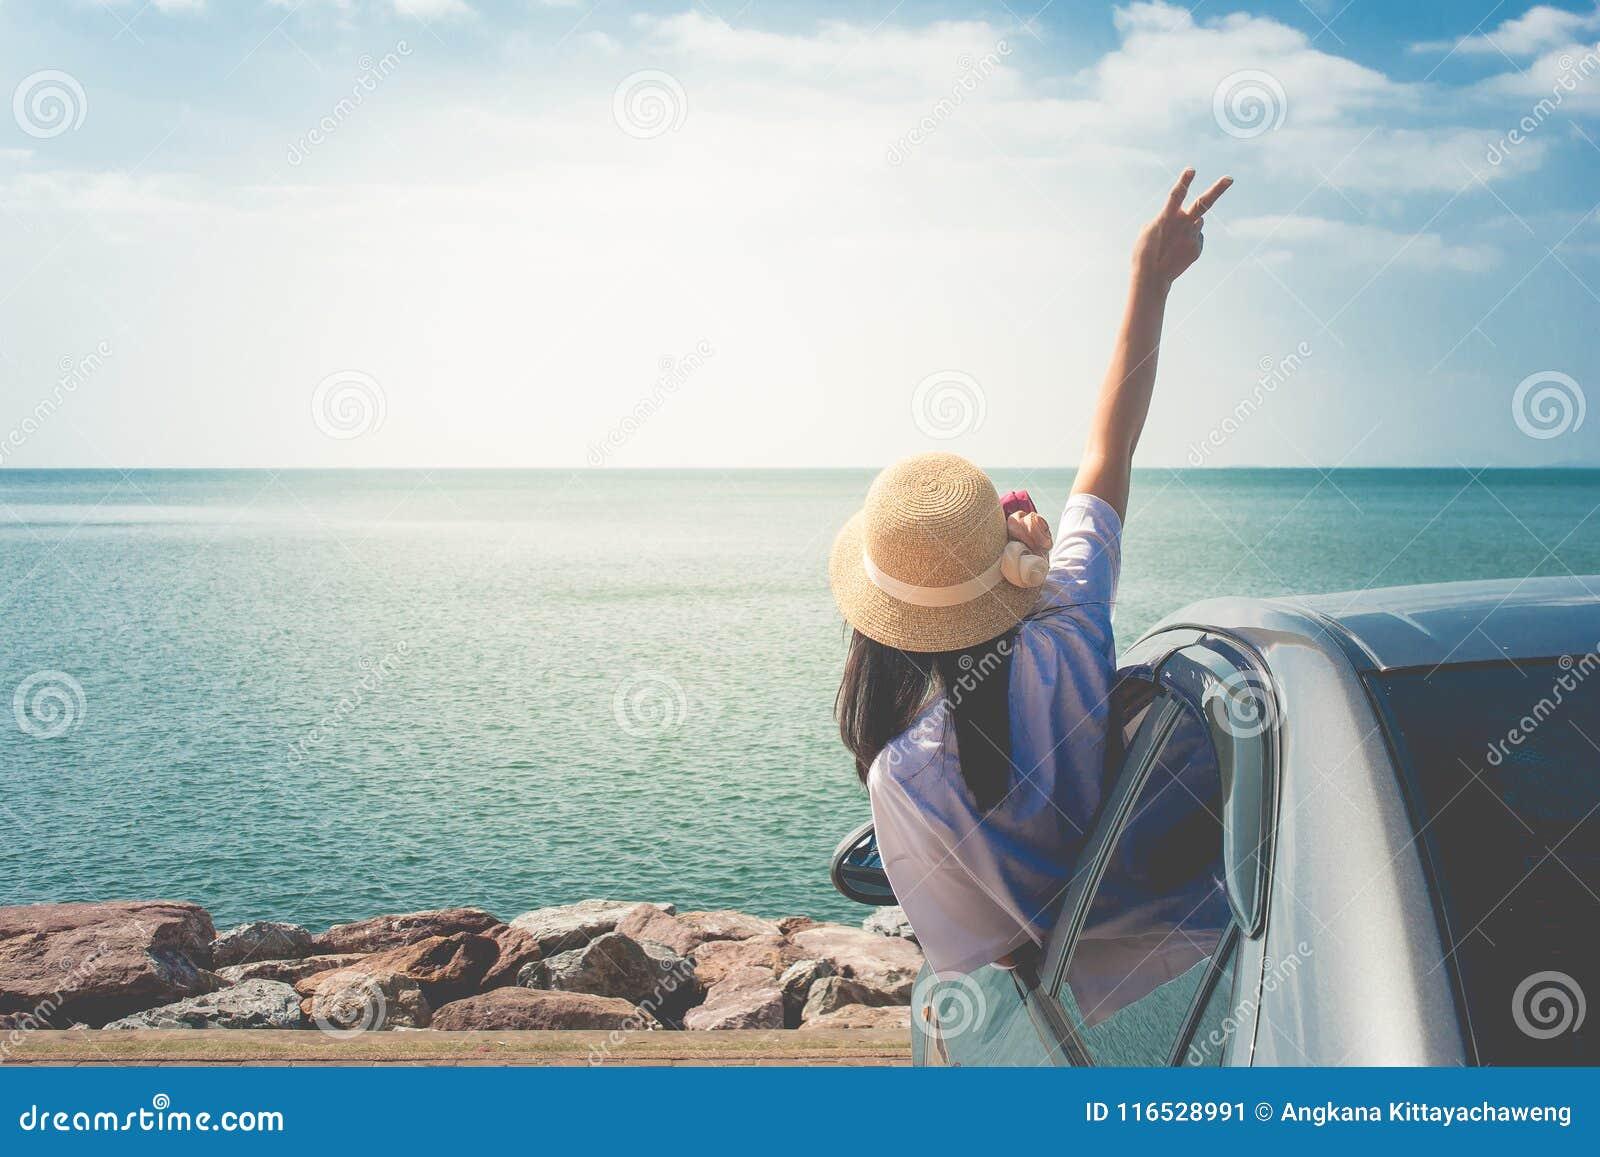 Θερινές διακοπές και έννοια διακοπών: Ευτυχές ταξίδι οικογενειακών αυτοκινήτων στη θάλασσα, γυναίκα πορτρέτου που αισθάνεται την